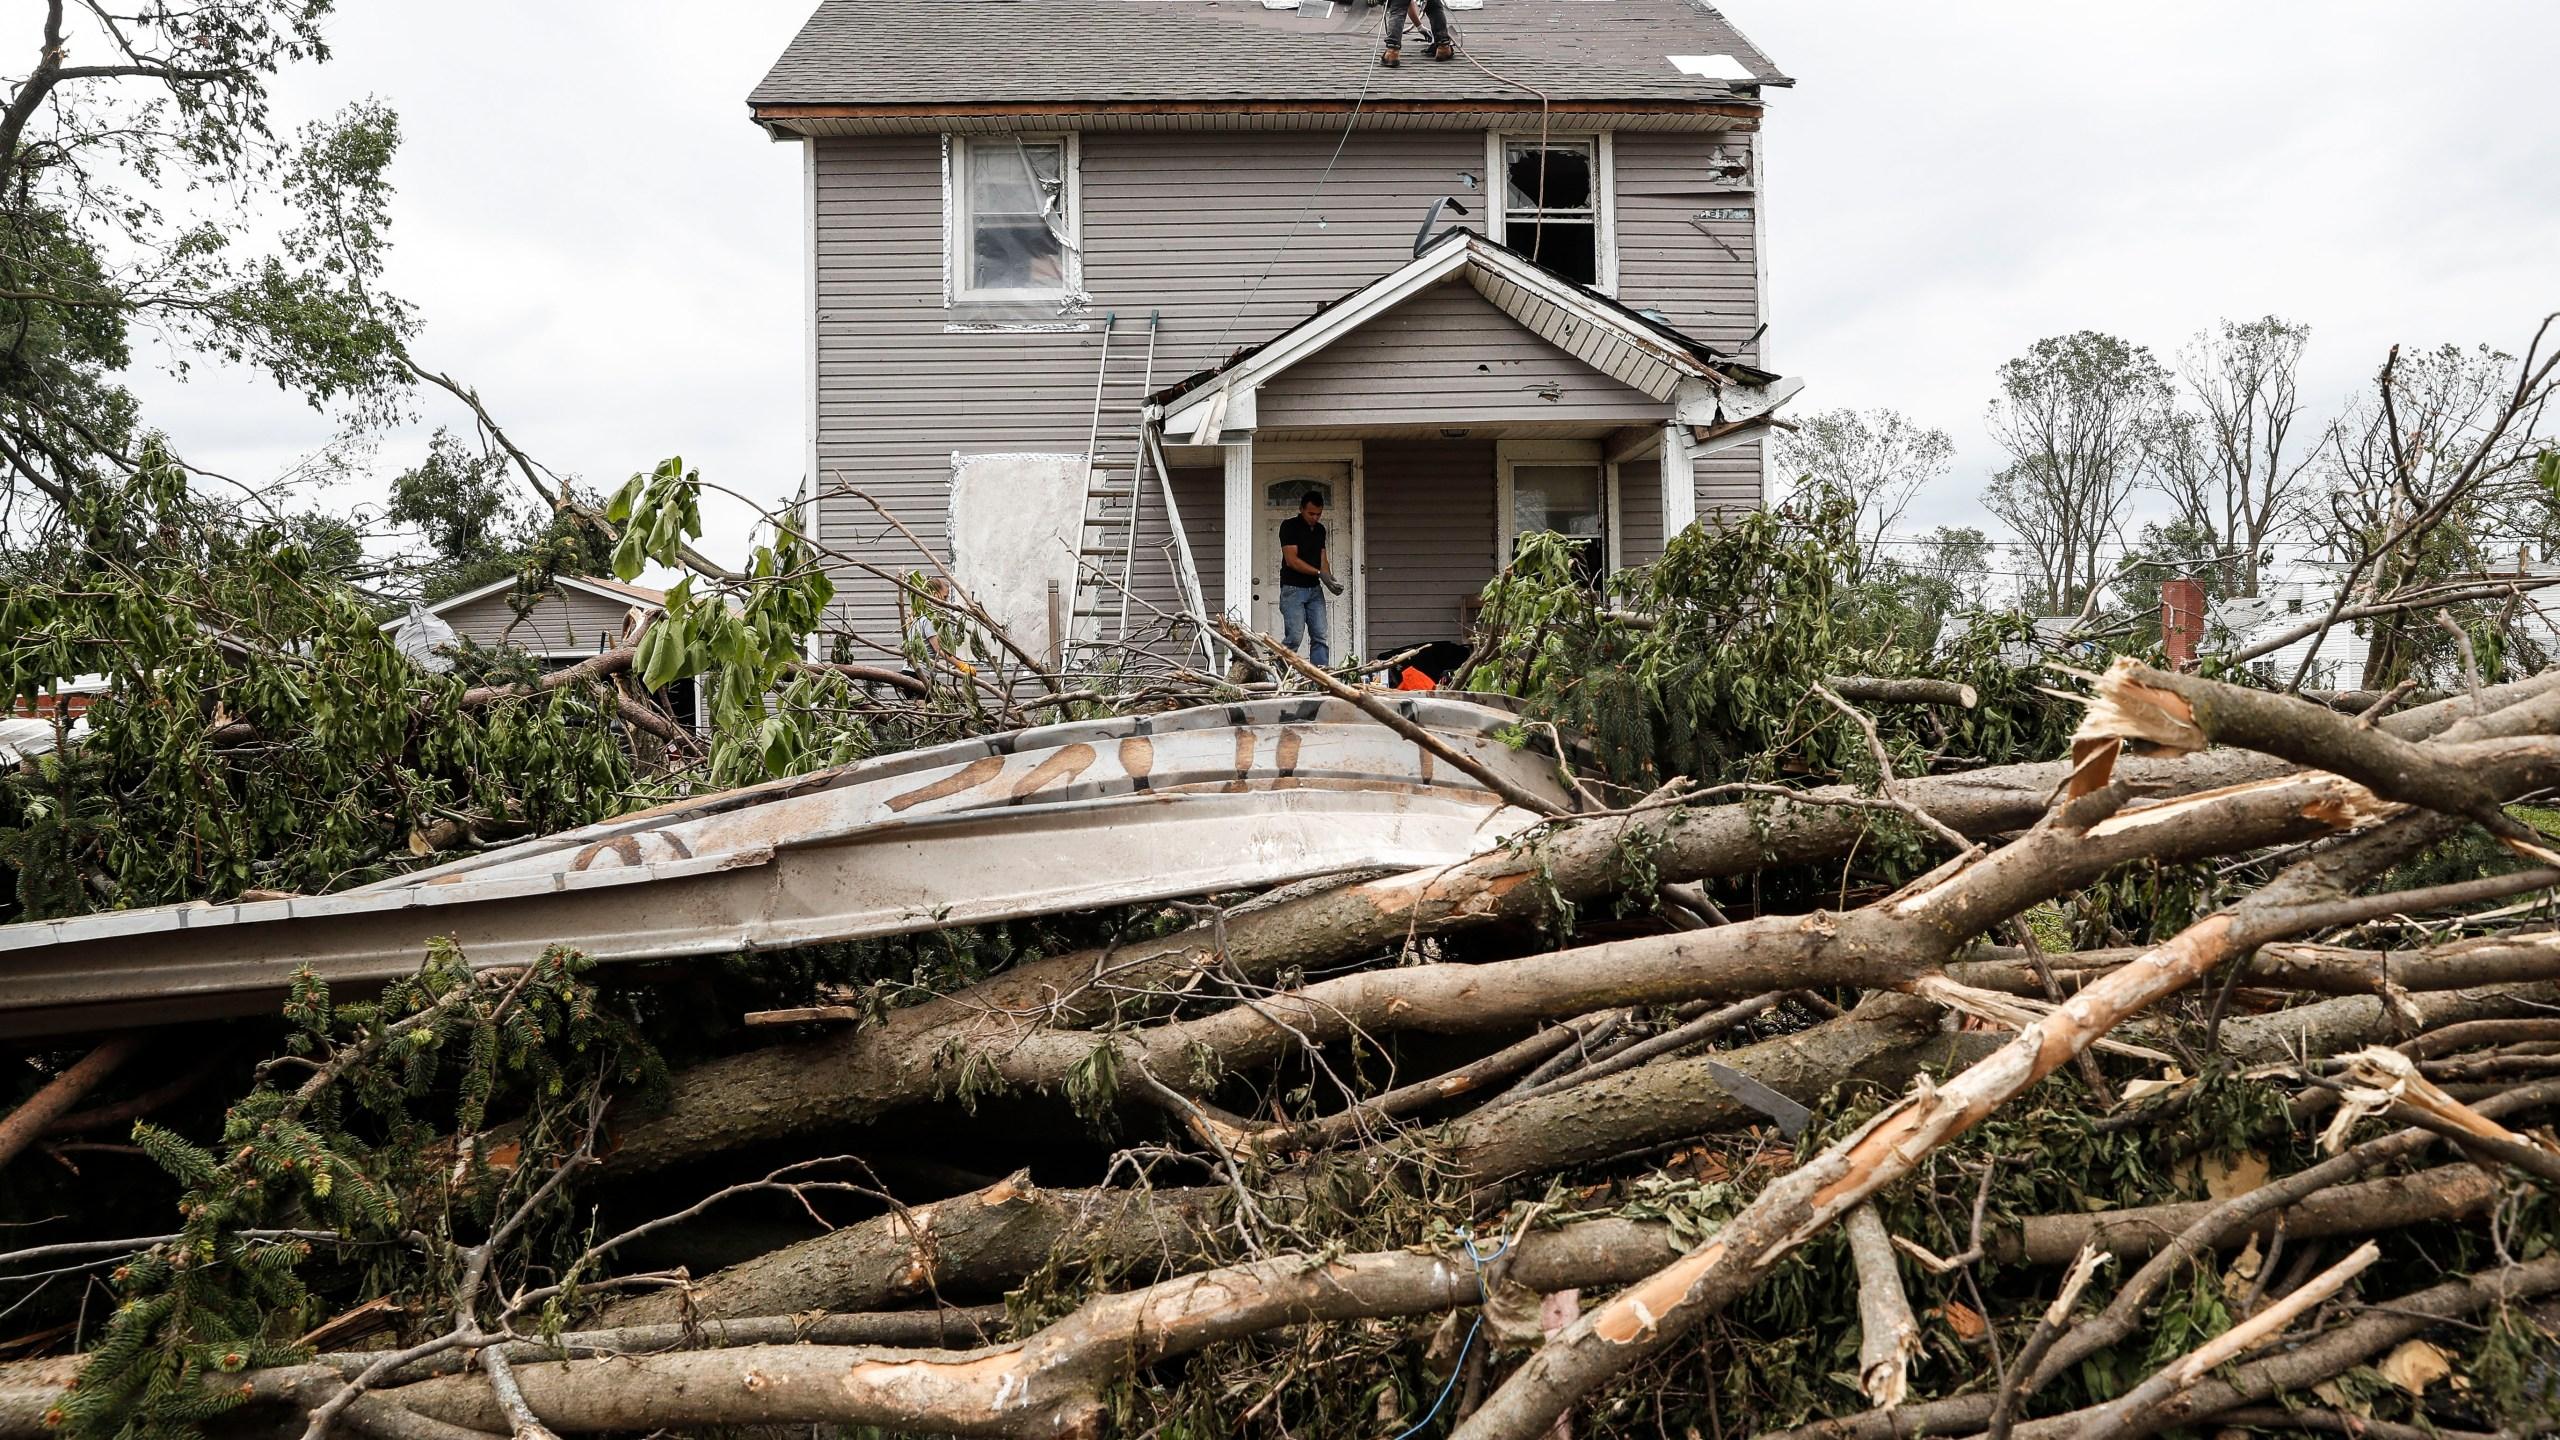 APTOPIX_Severe_Weather_Ohio_94773-159532.jpg93812179